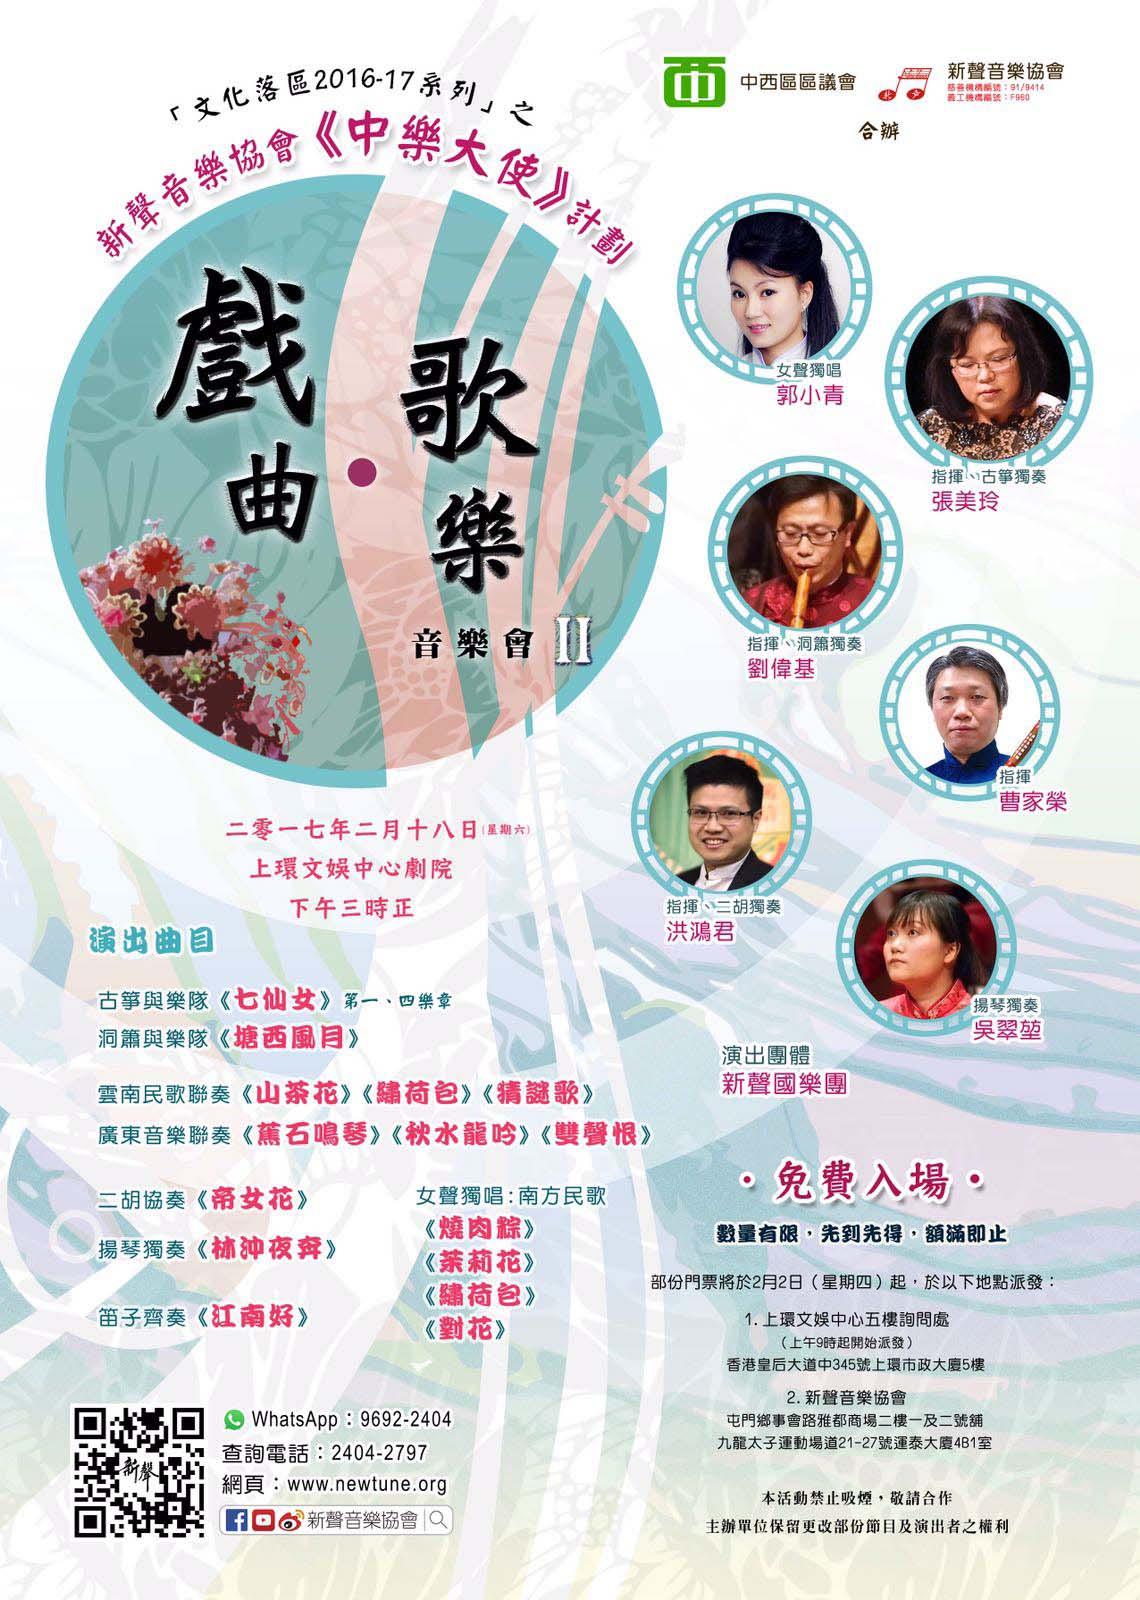 「文化落區2016-17系列」之新聲音樂協會《中樂大使》計劃 《戲曲‧歌樂》音樂會